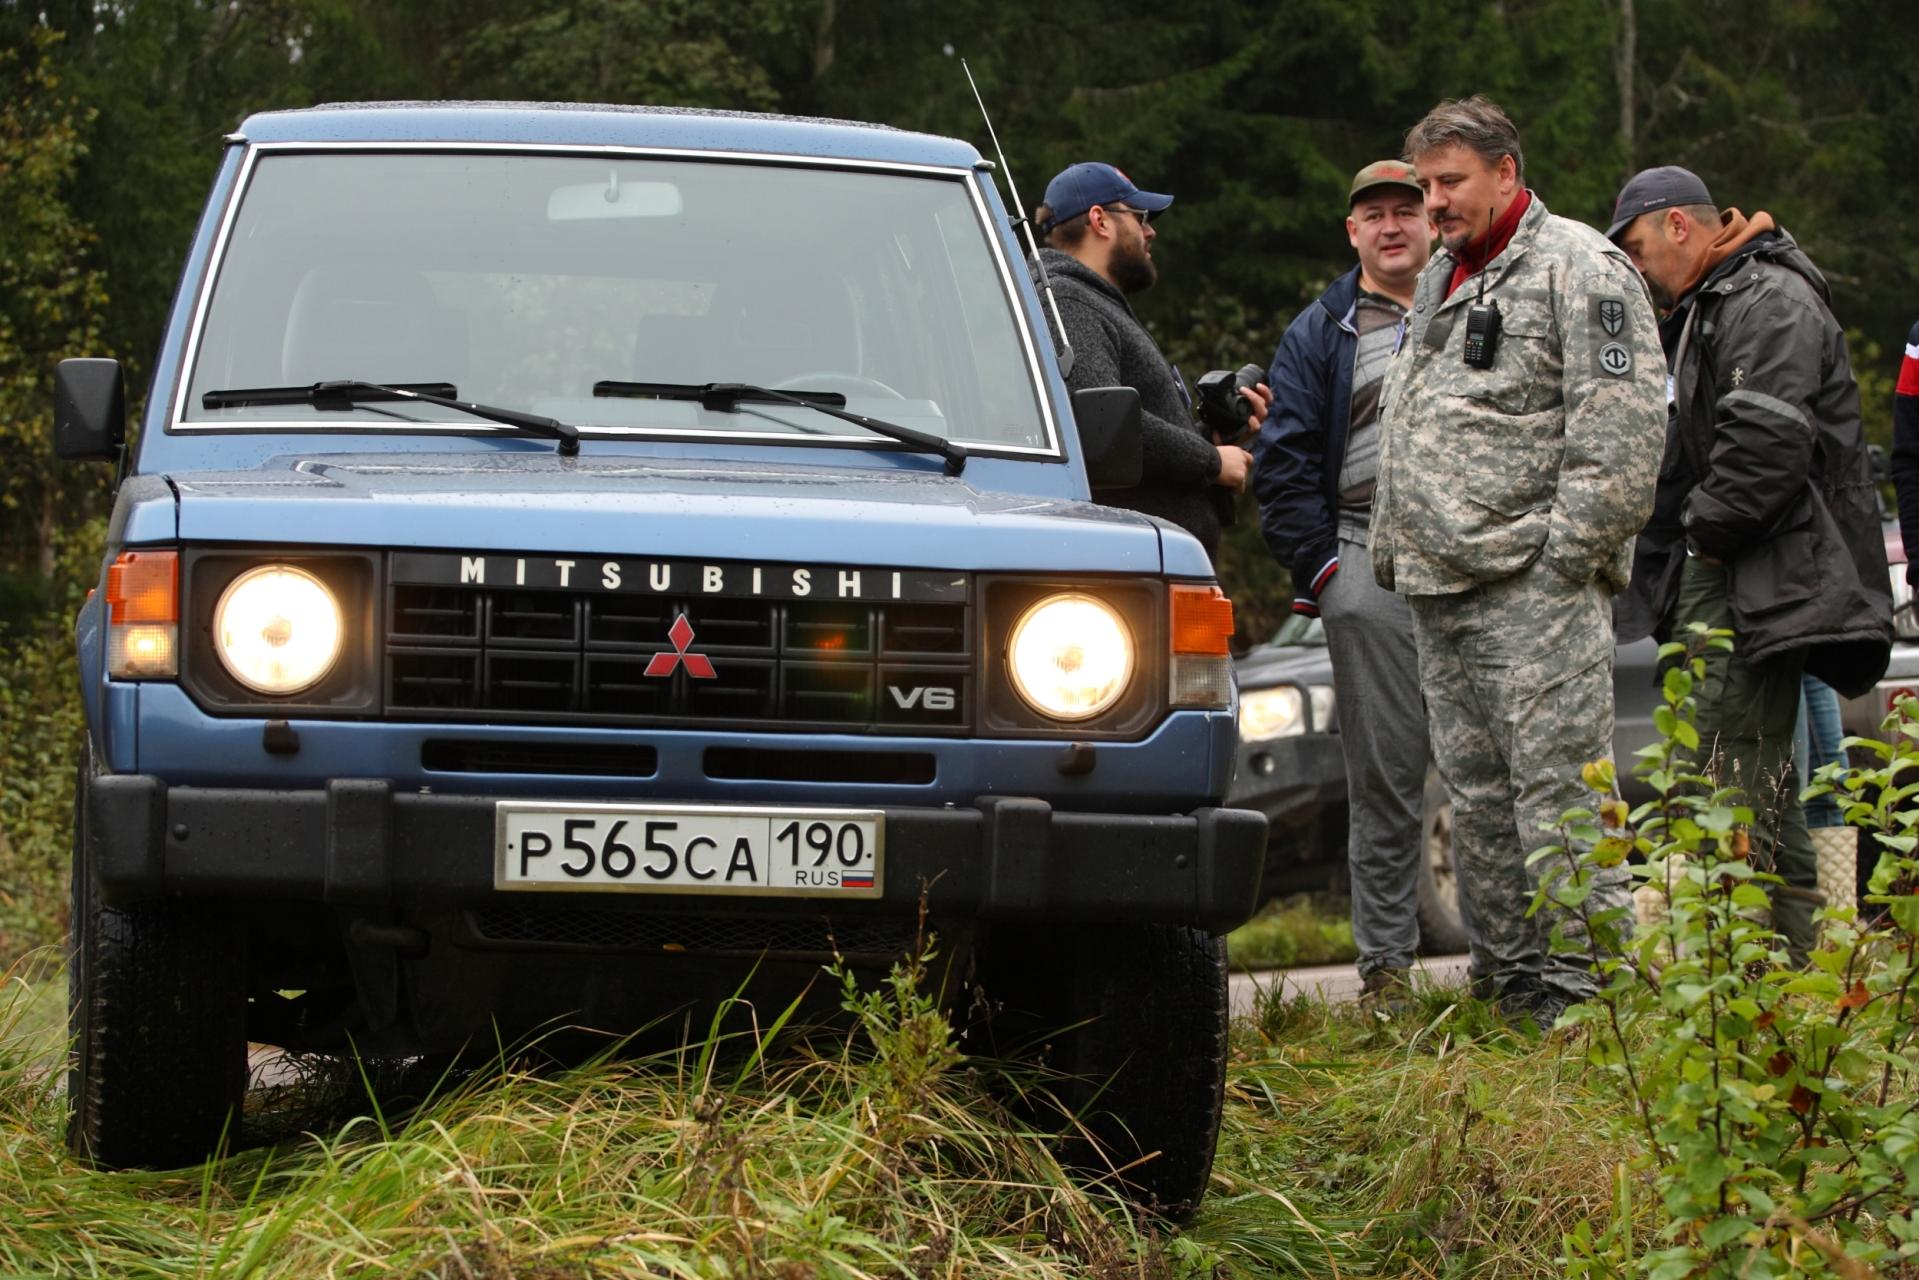 ISEA_autoclubman_044.JPG